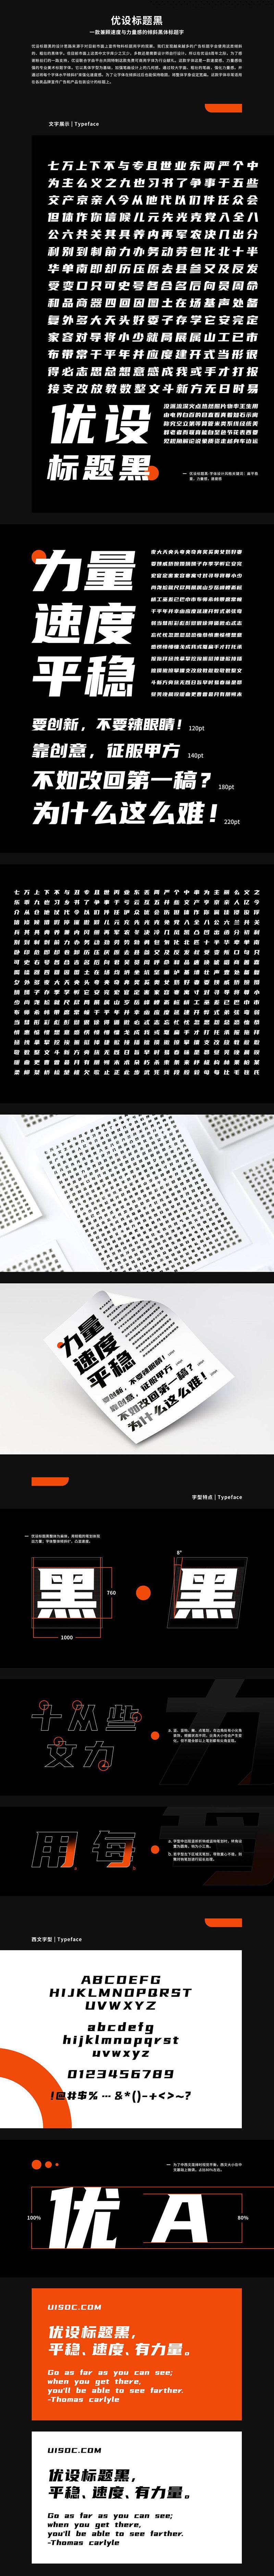 免费字体下载!首款可商用中文斜体-优设标题黑